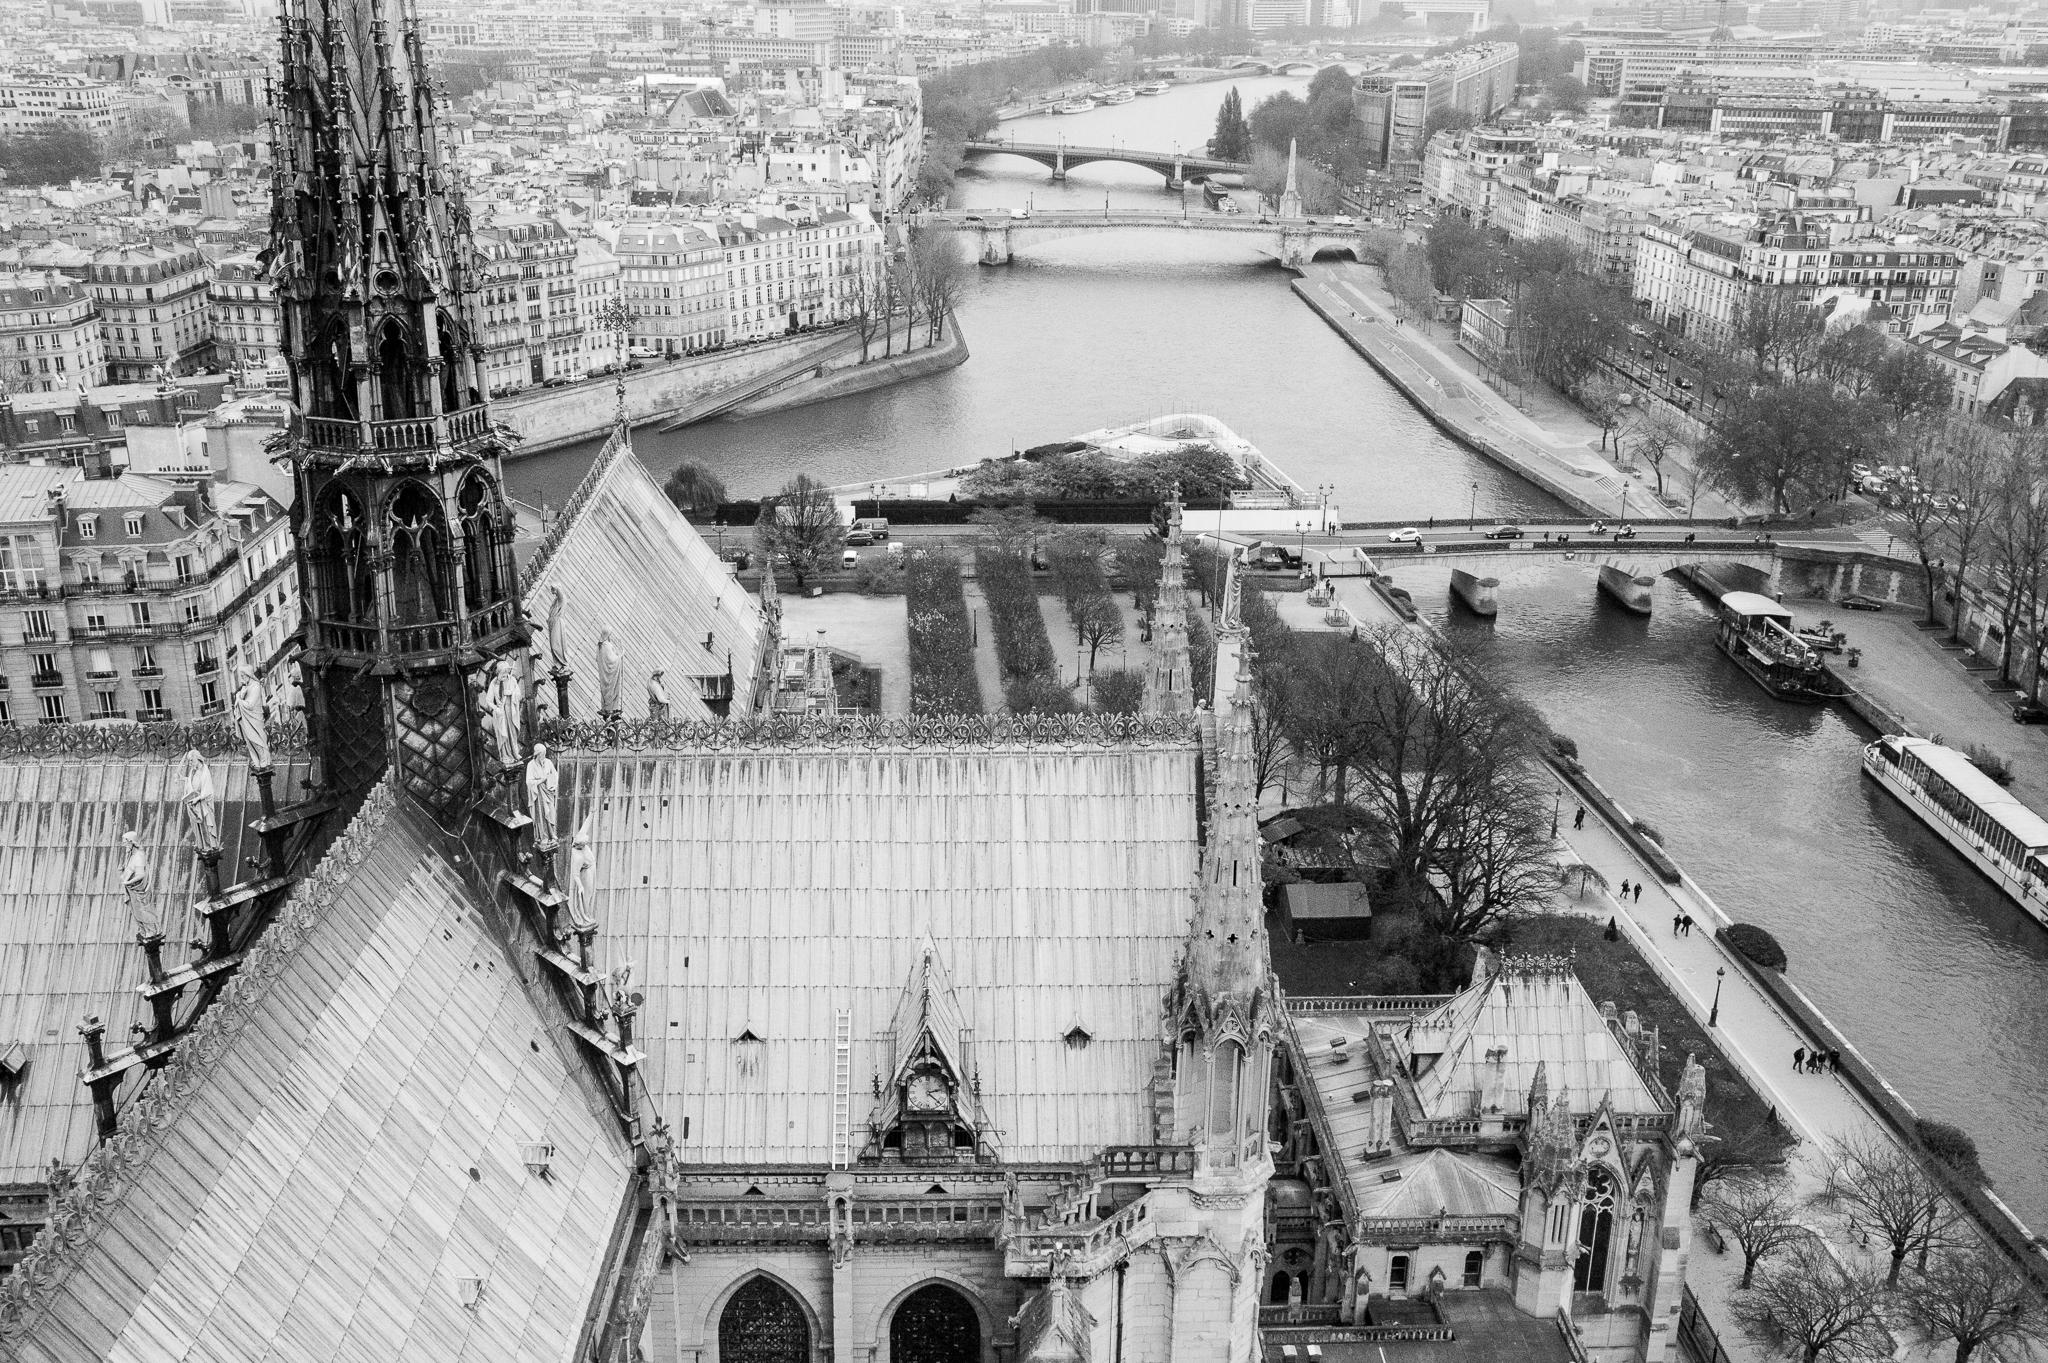 Jason-Davis-Images-Paris-0009.jpg